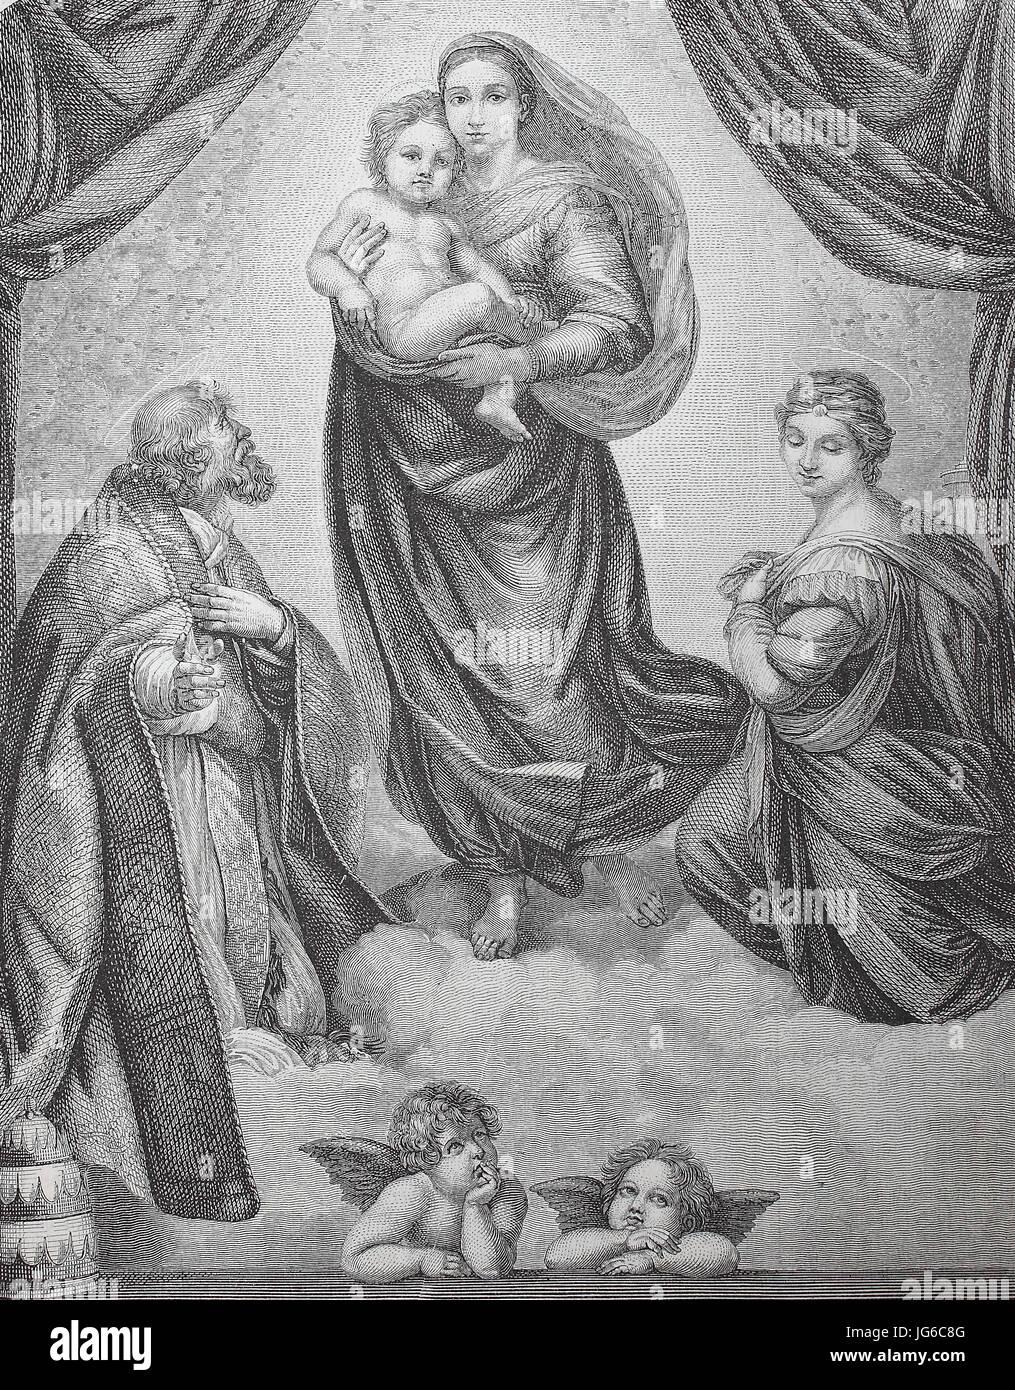 Mejorado: Digital, la Madonna Sixtina, también llamada la Madonna di San Sisto, es un óleo pintado por Imagen De Stock